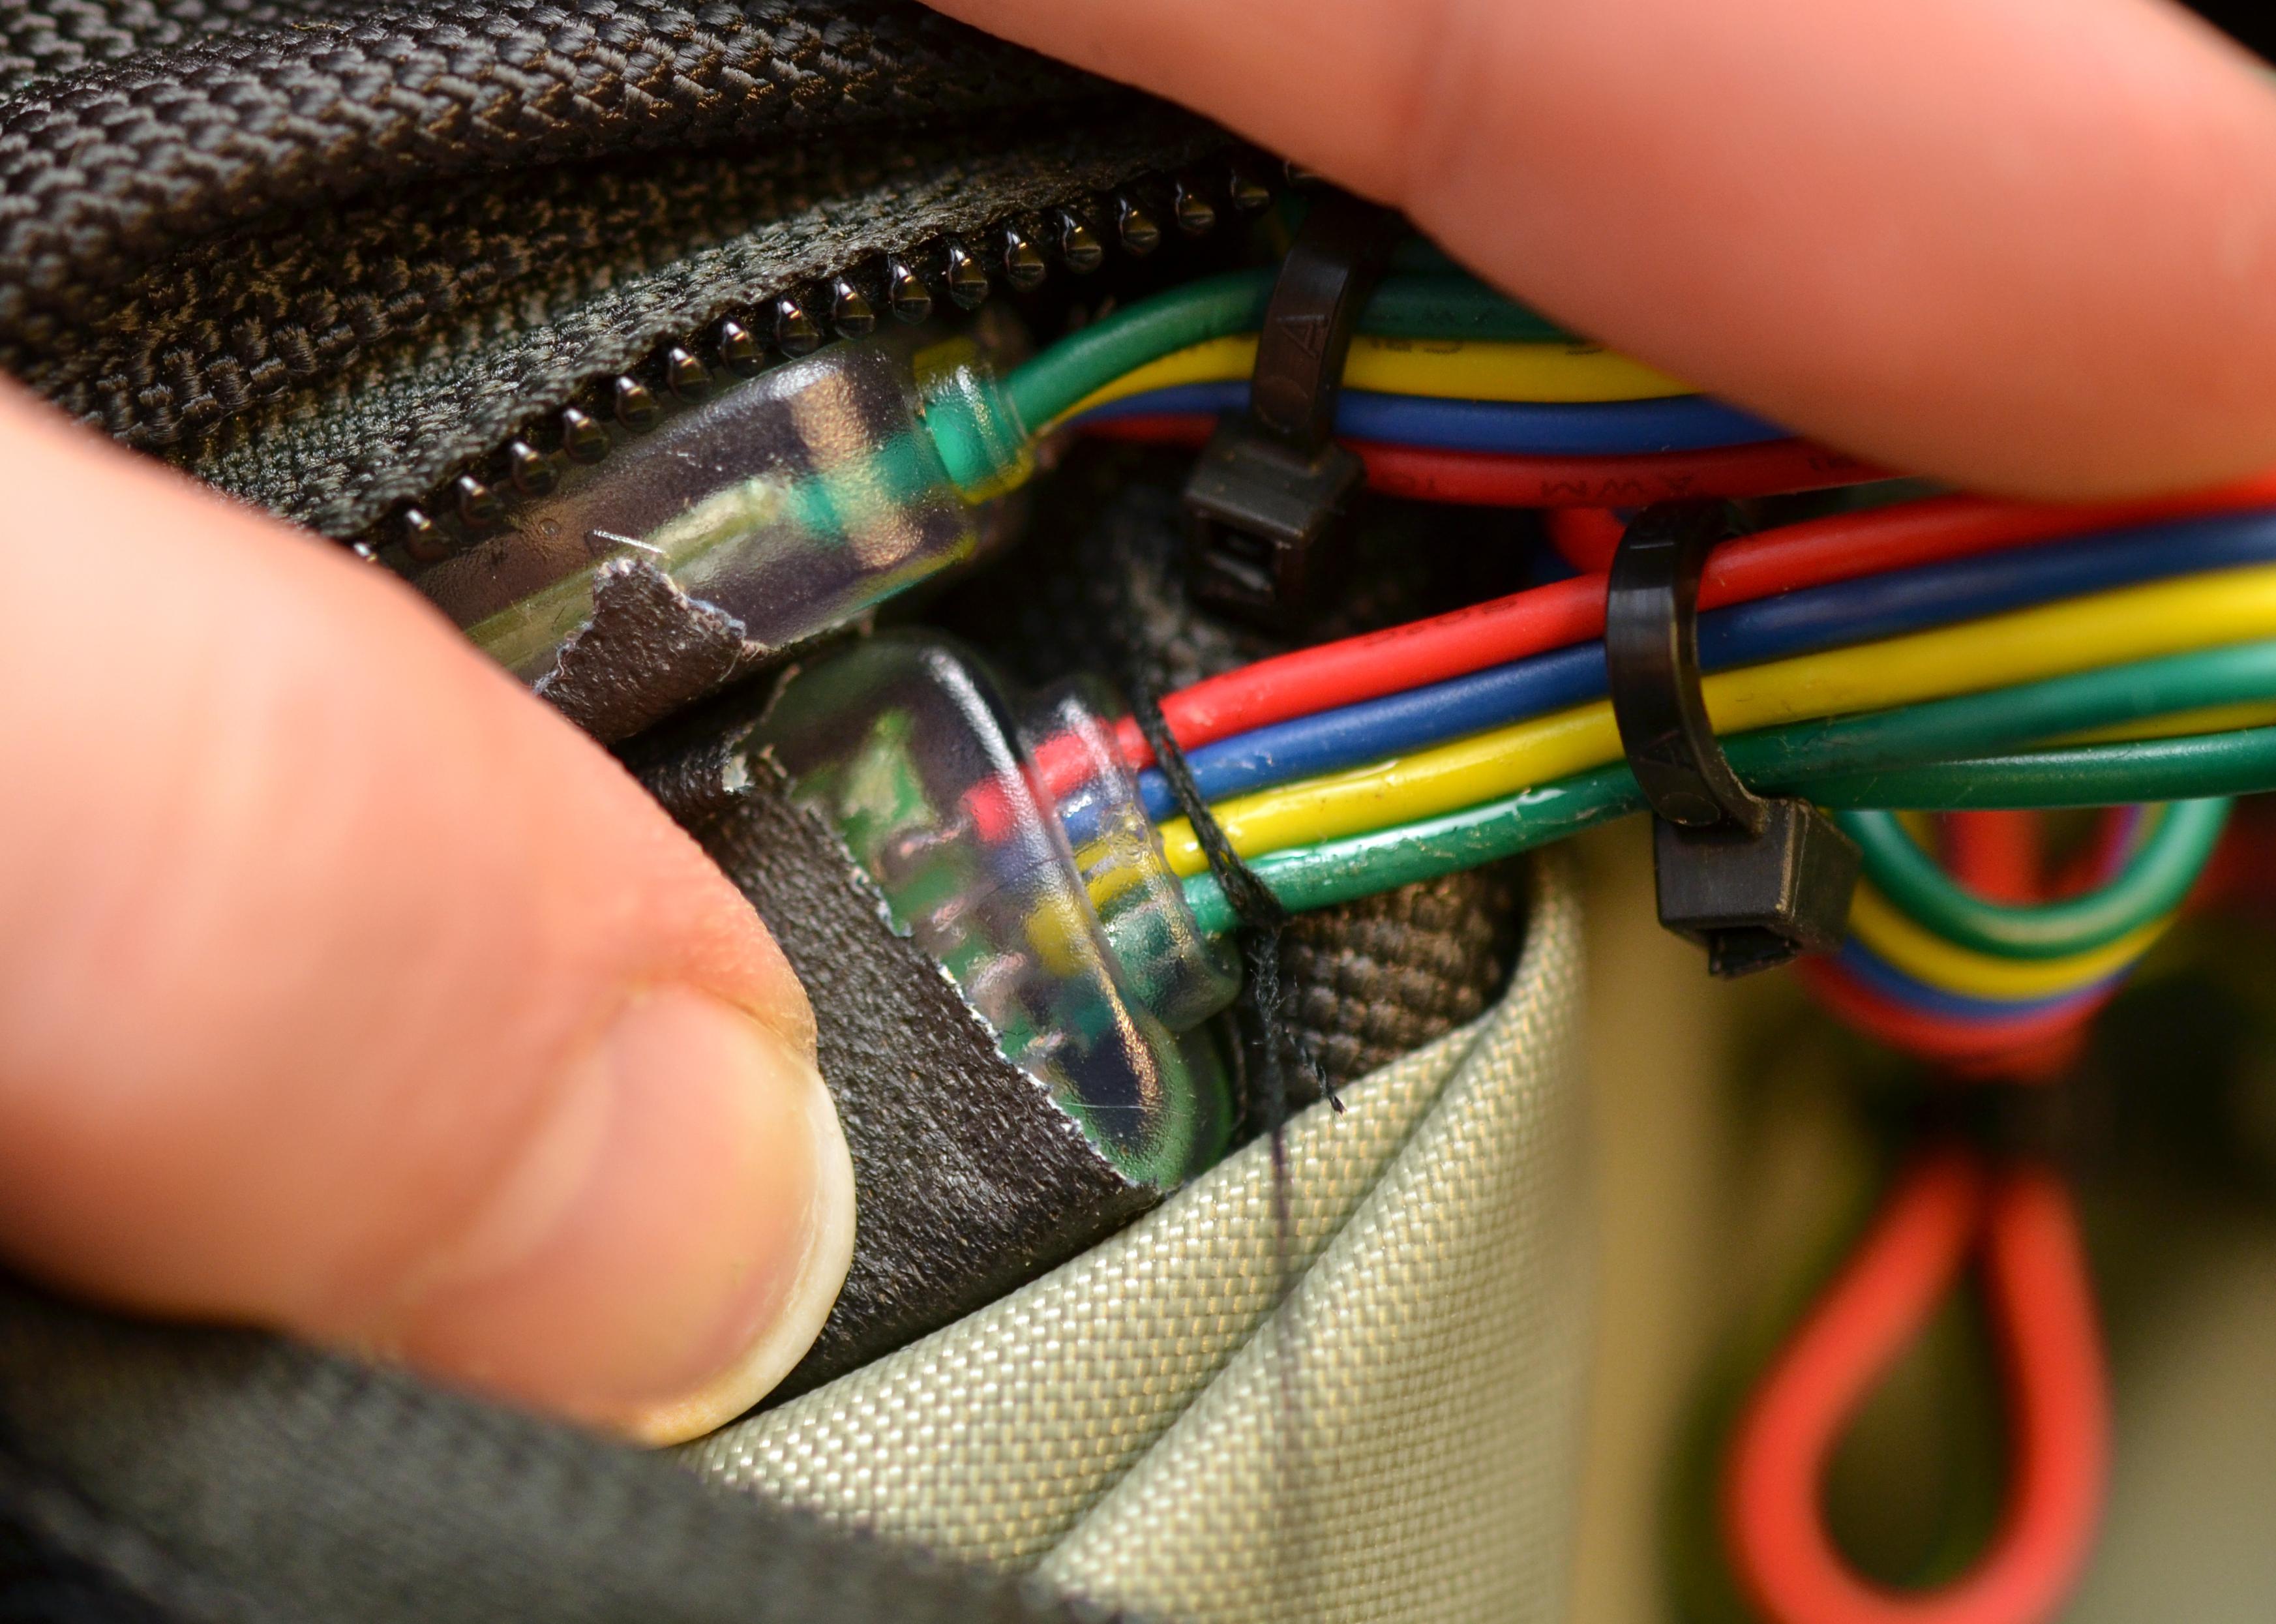 flora_motorcycle-backpack-14.jpg